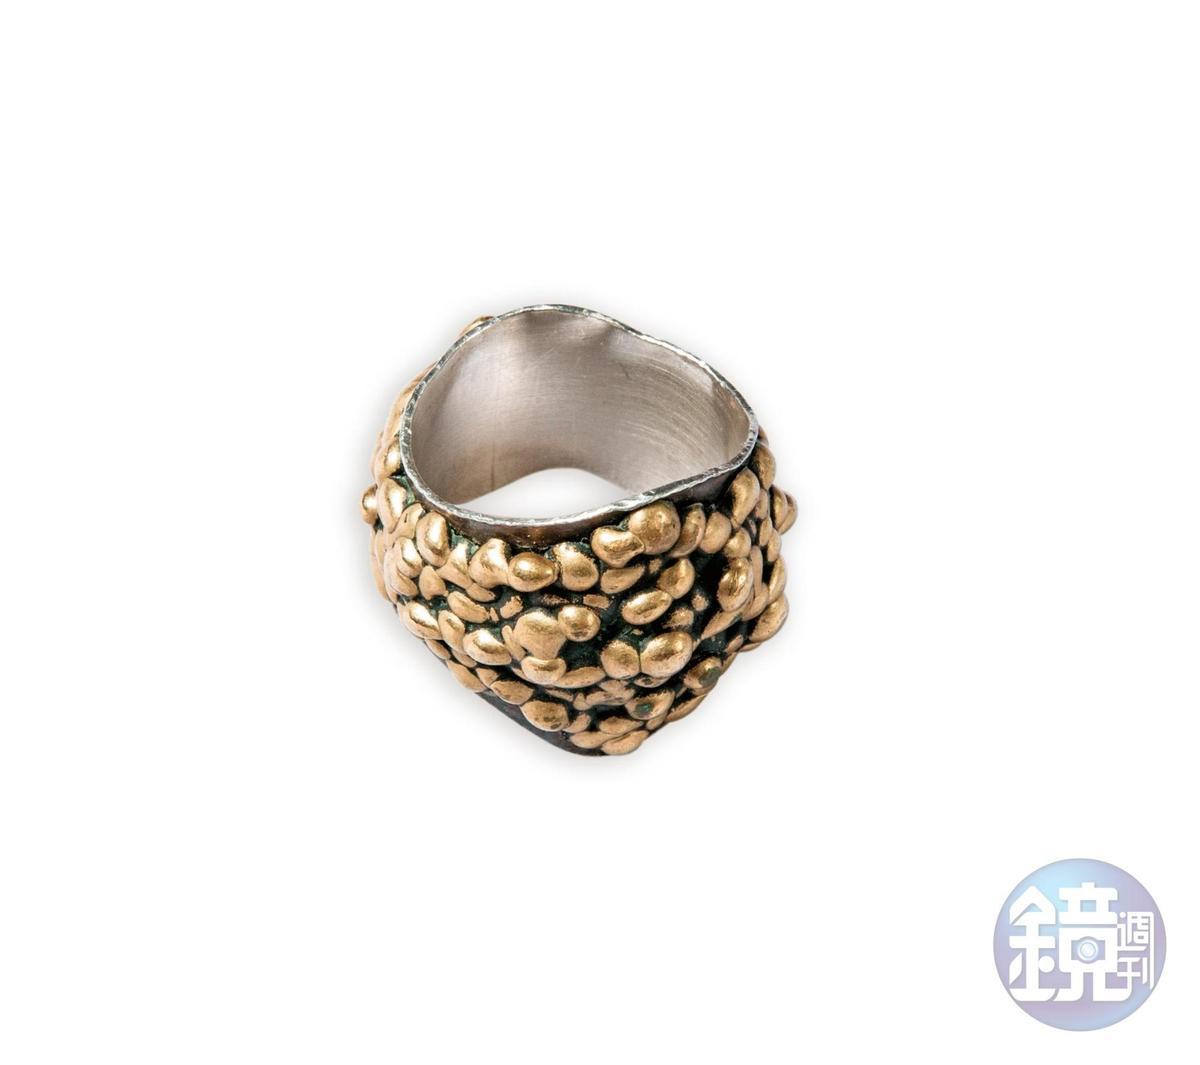 台灣訂做的黃銅戒指,約NT$5,000。